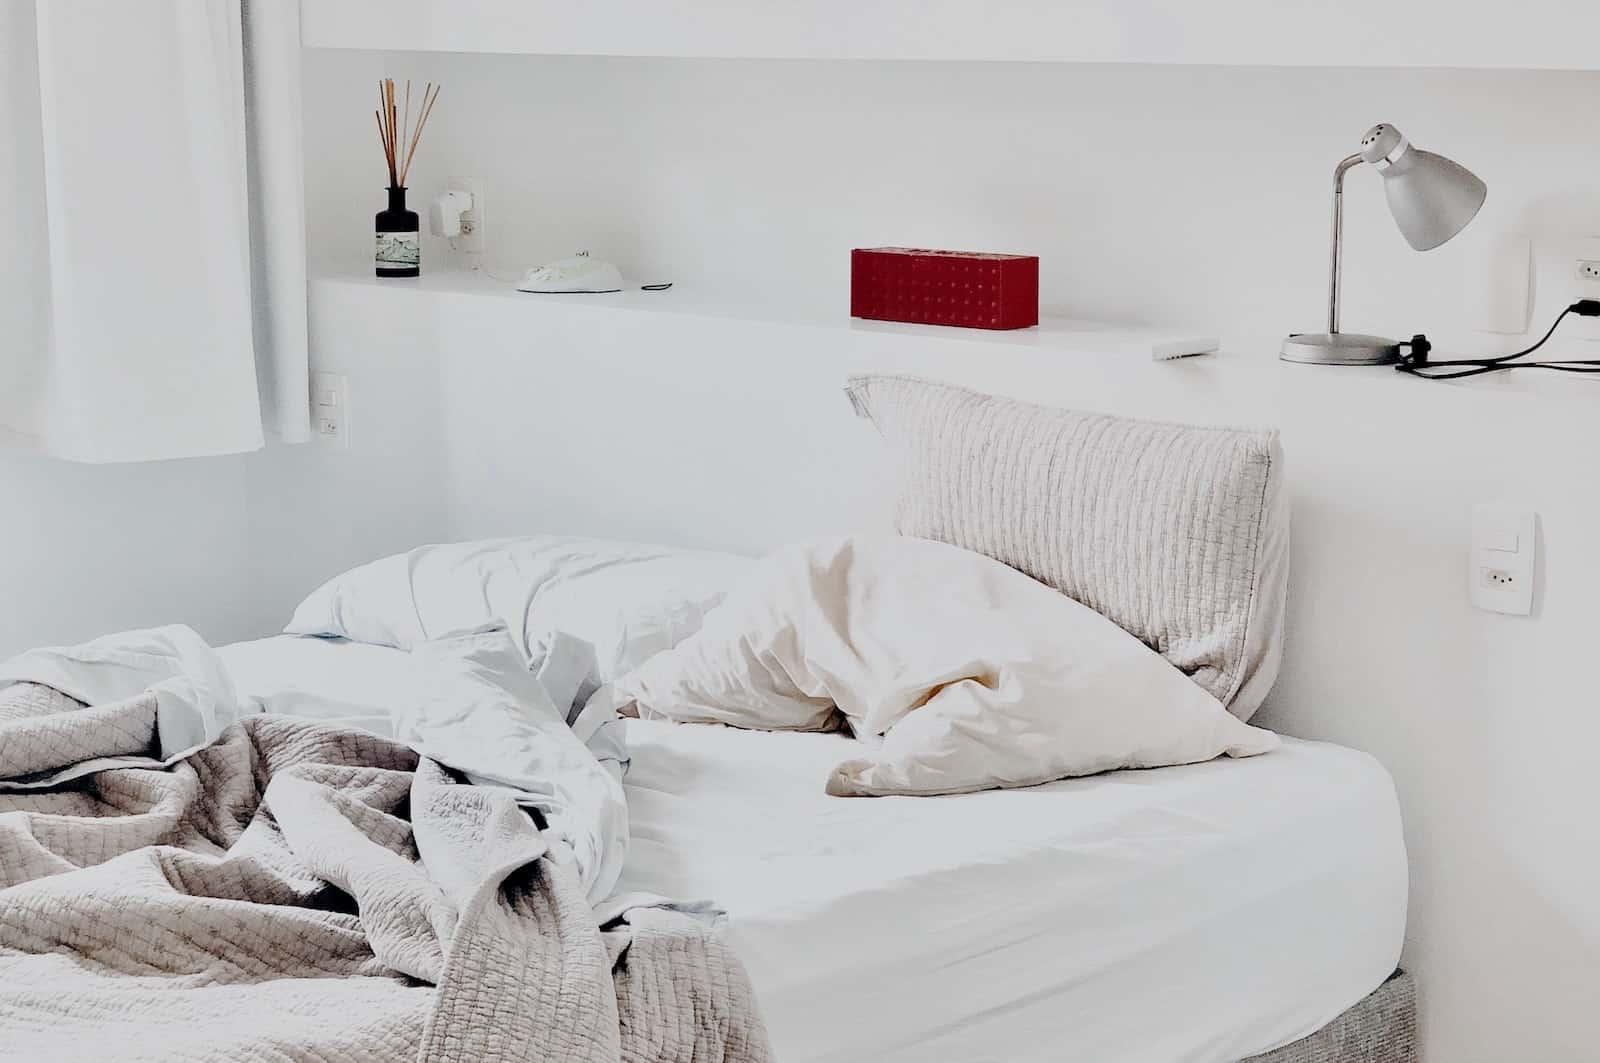 küçük yatak odalarında alandan nasıl yararlanılır